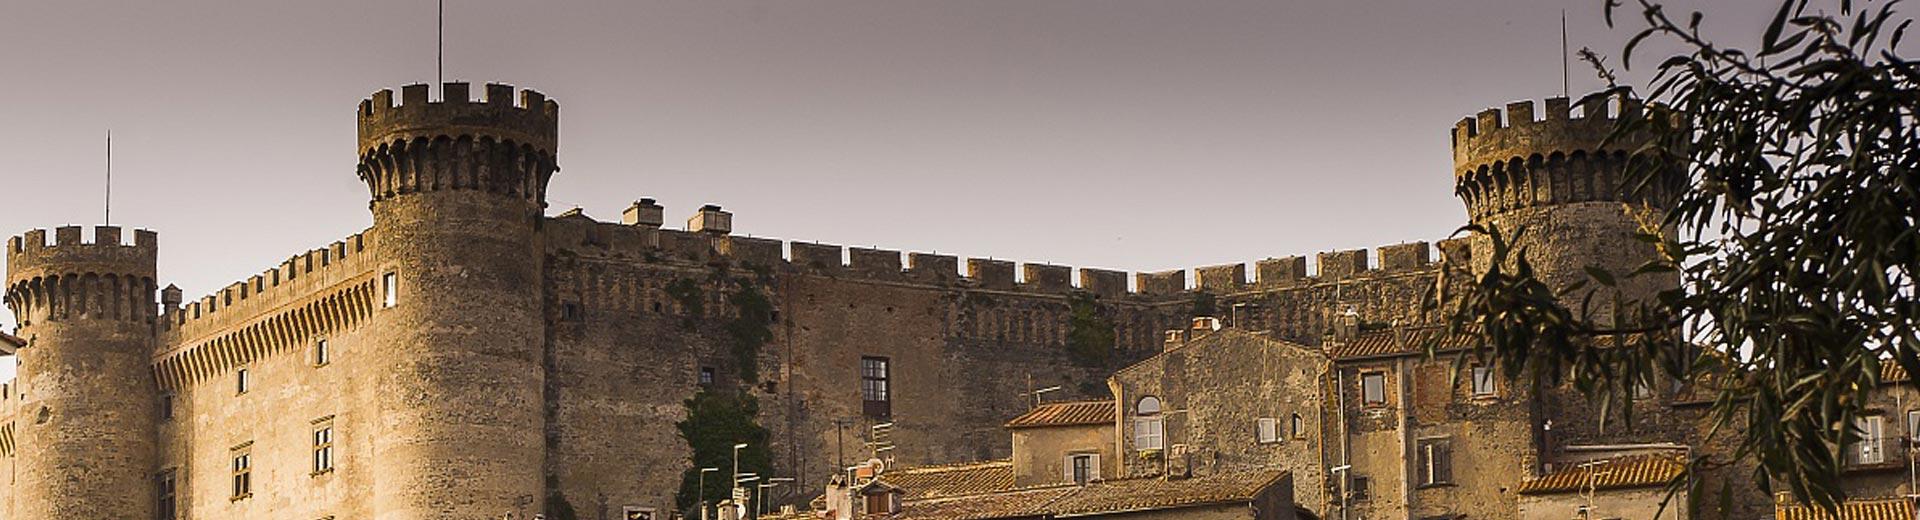 Castello Odescalchi - Roma